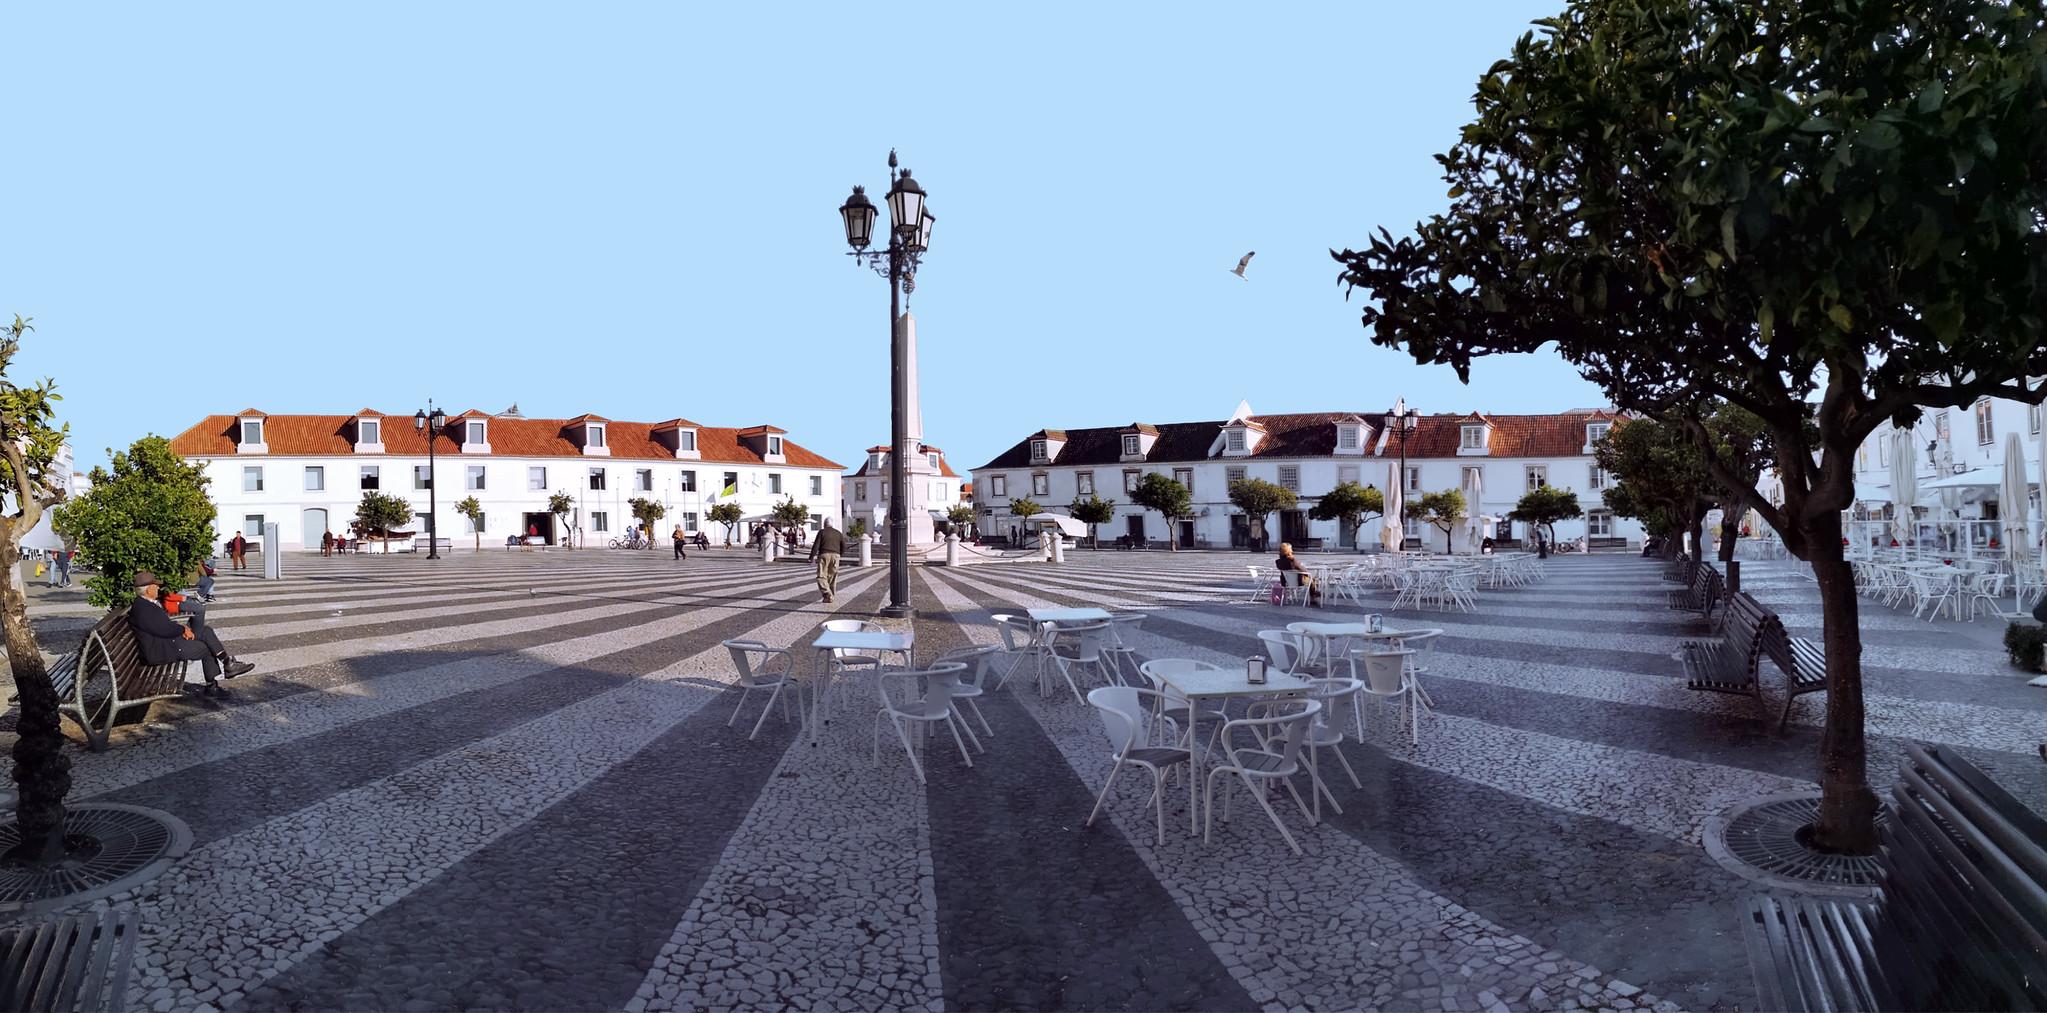 Ayuntamiento Camara Municipal de Vila Real de Santo Antonio Praça Marques de Pombal Portugal